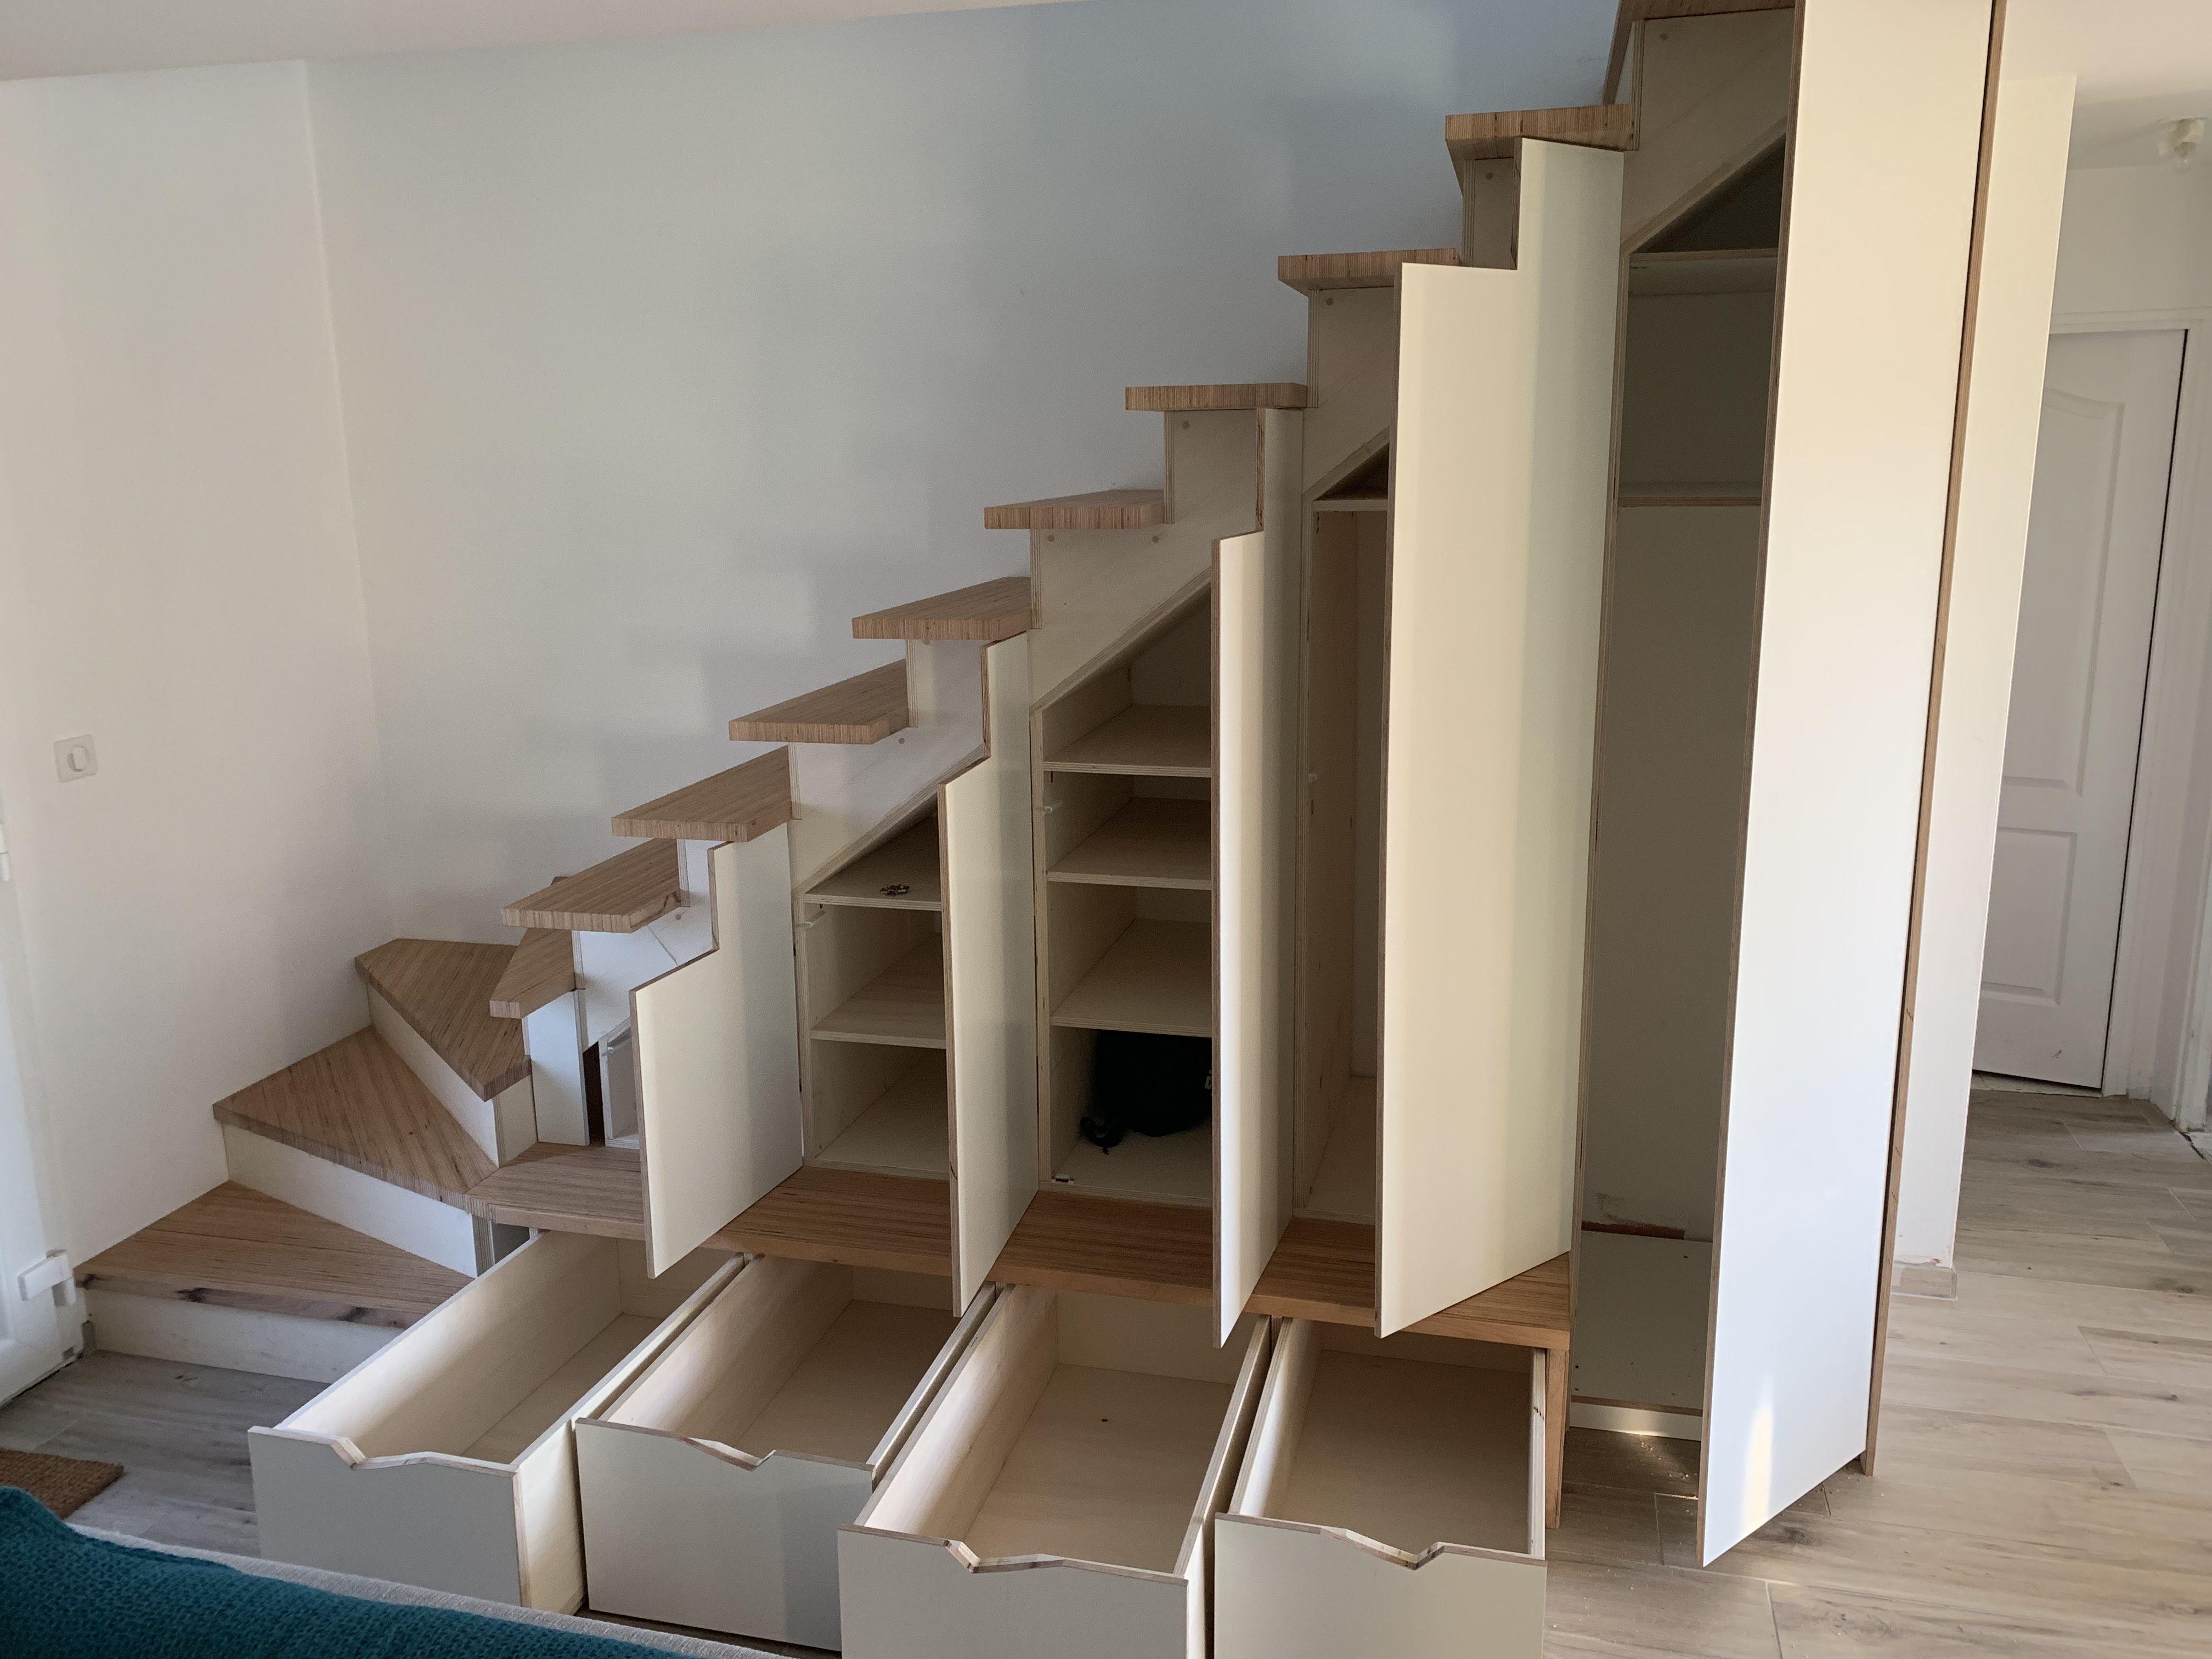 Amenagements Sous Escalier Amenagement Sous Escalier Amenagement Interieur Escalier